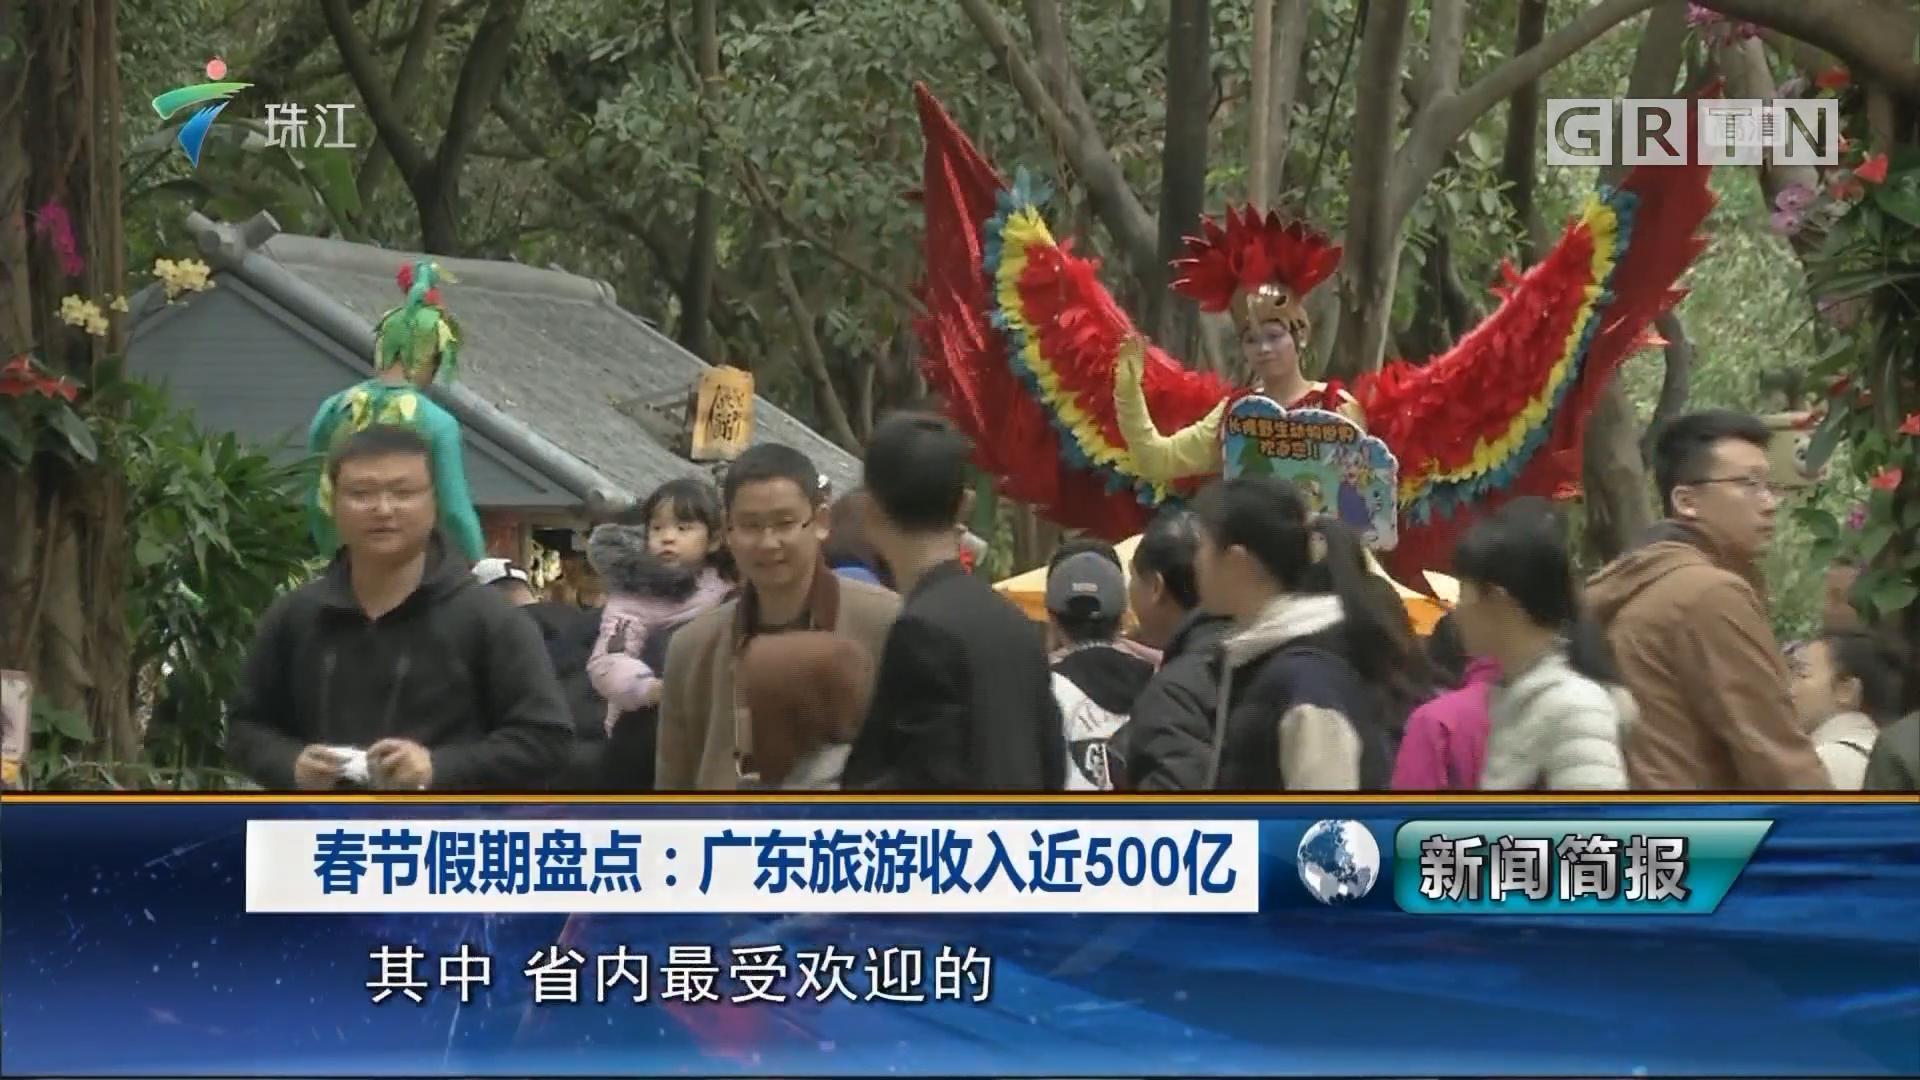 春节假期盘点:广东旅游收入近500亿